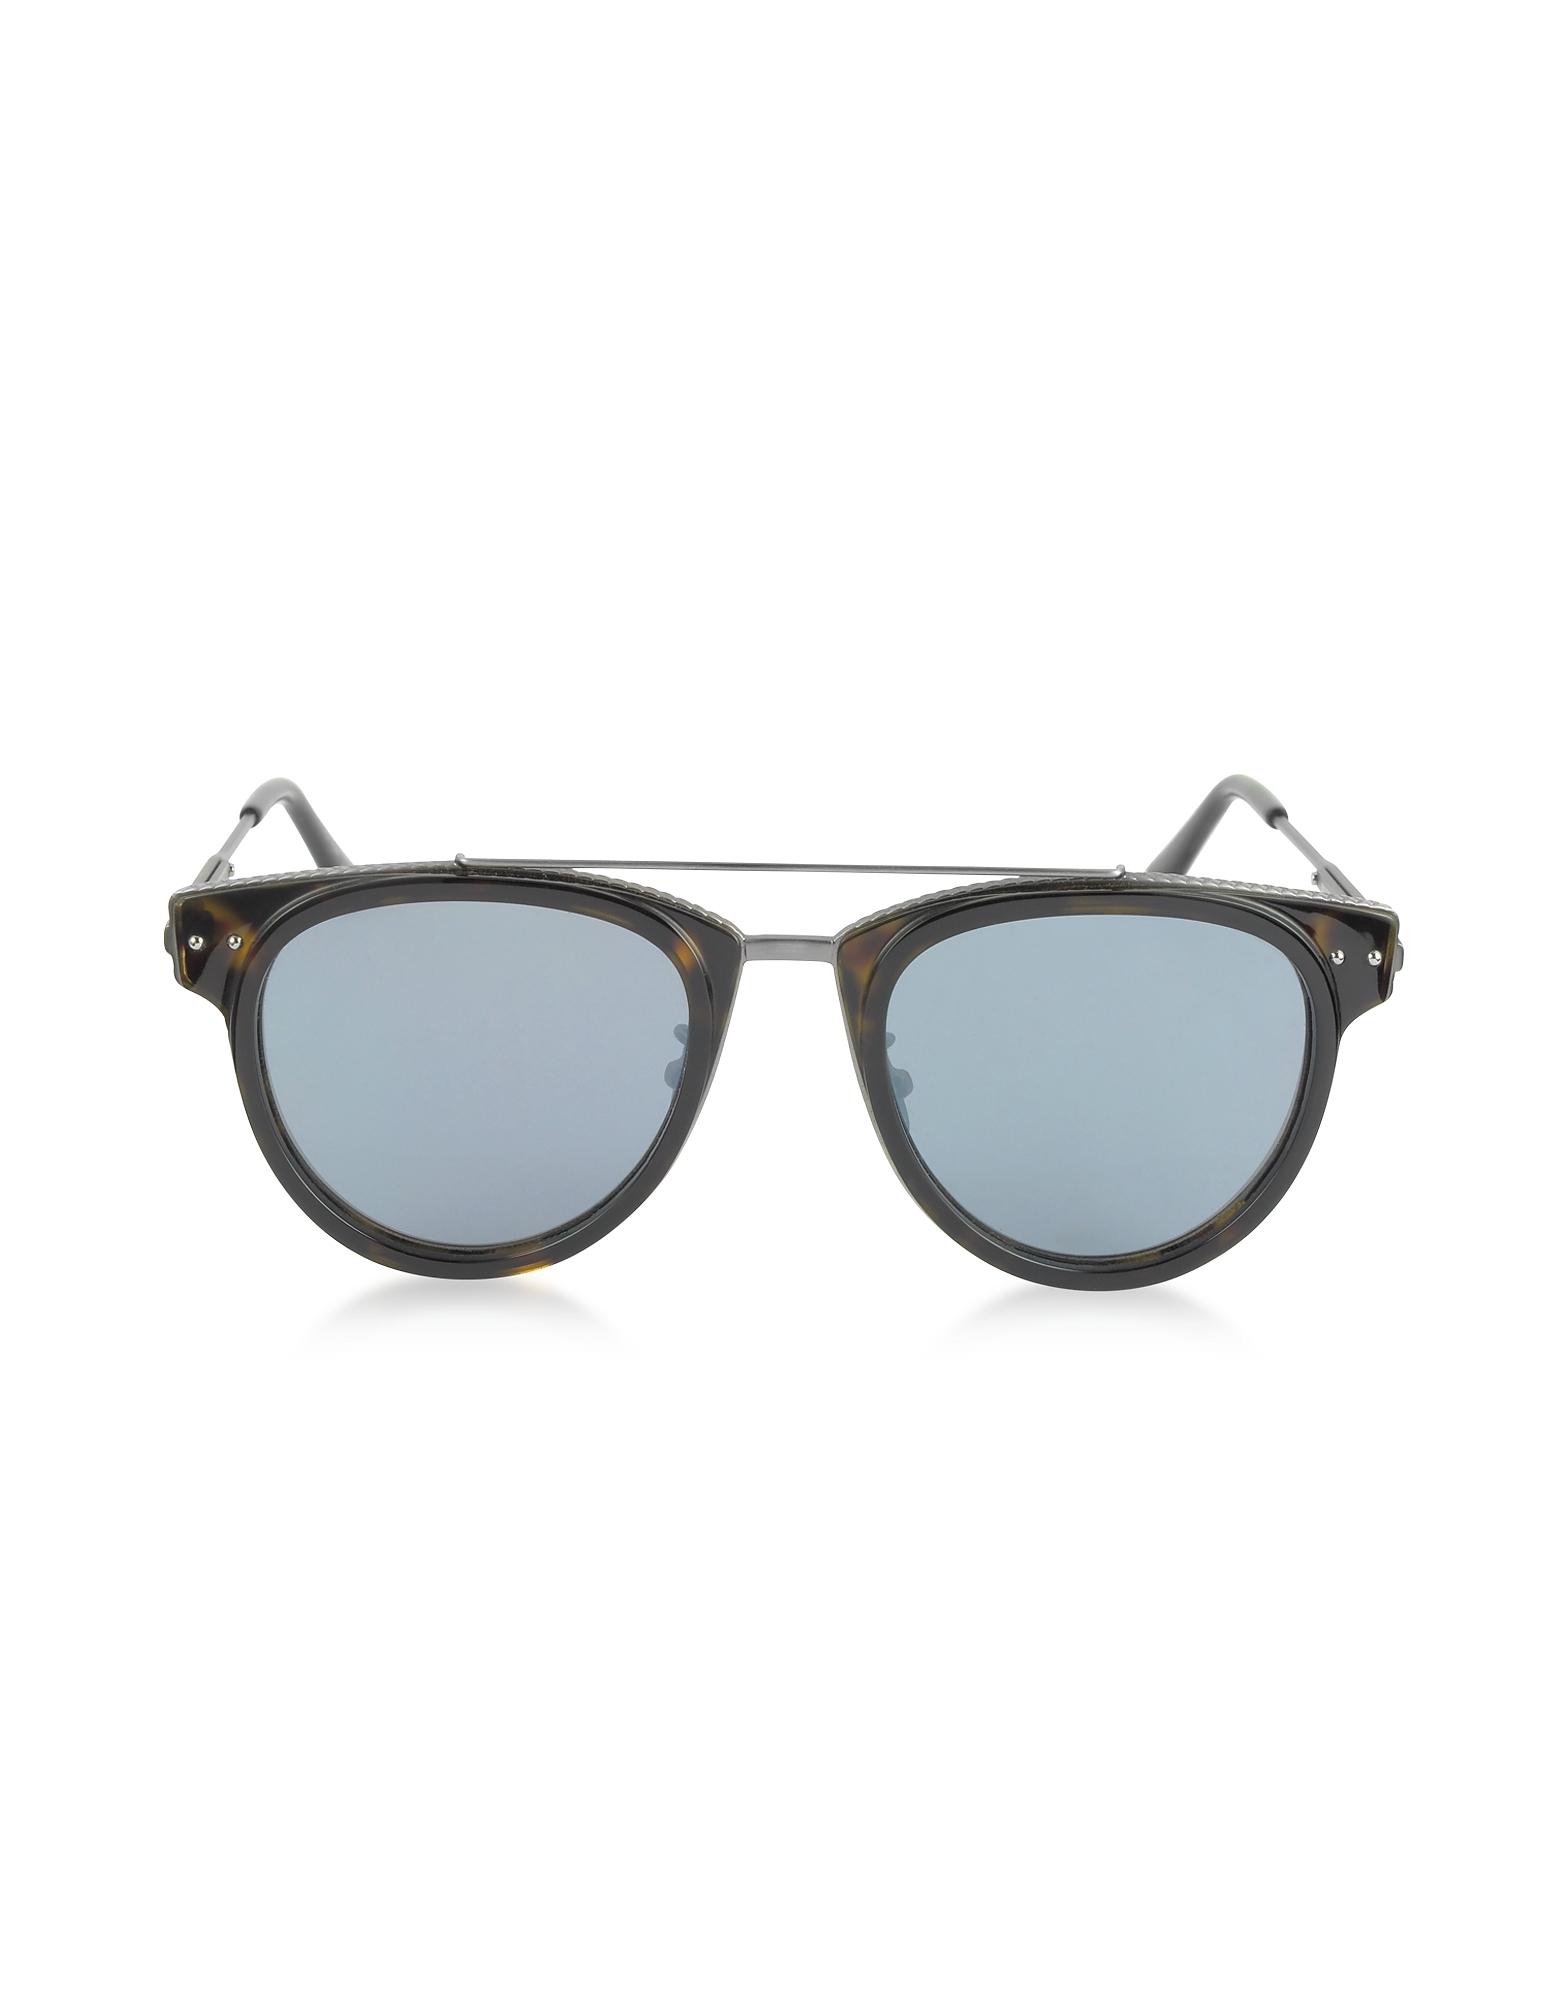 Bottega Veneta Sunglasses, BV0123S Round Metal and Acetate Unisex Sunglasses